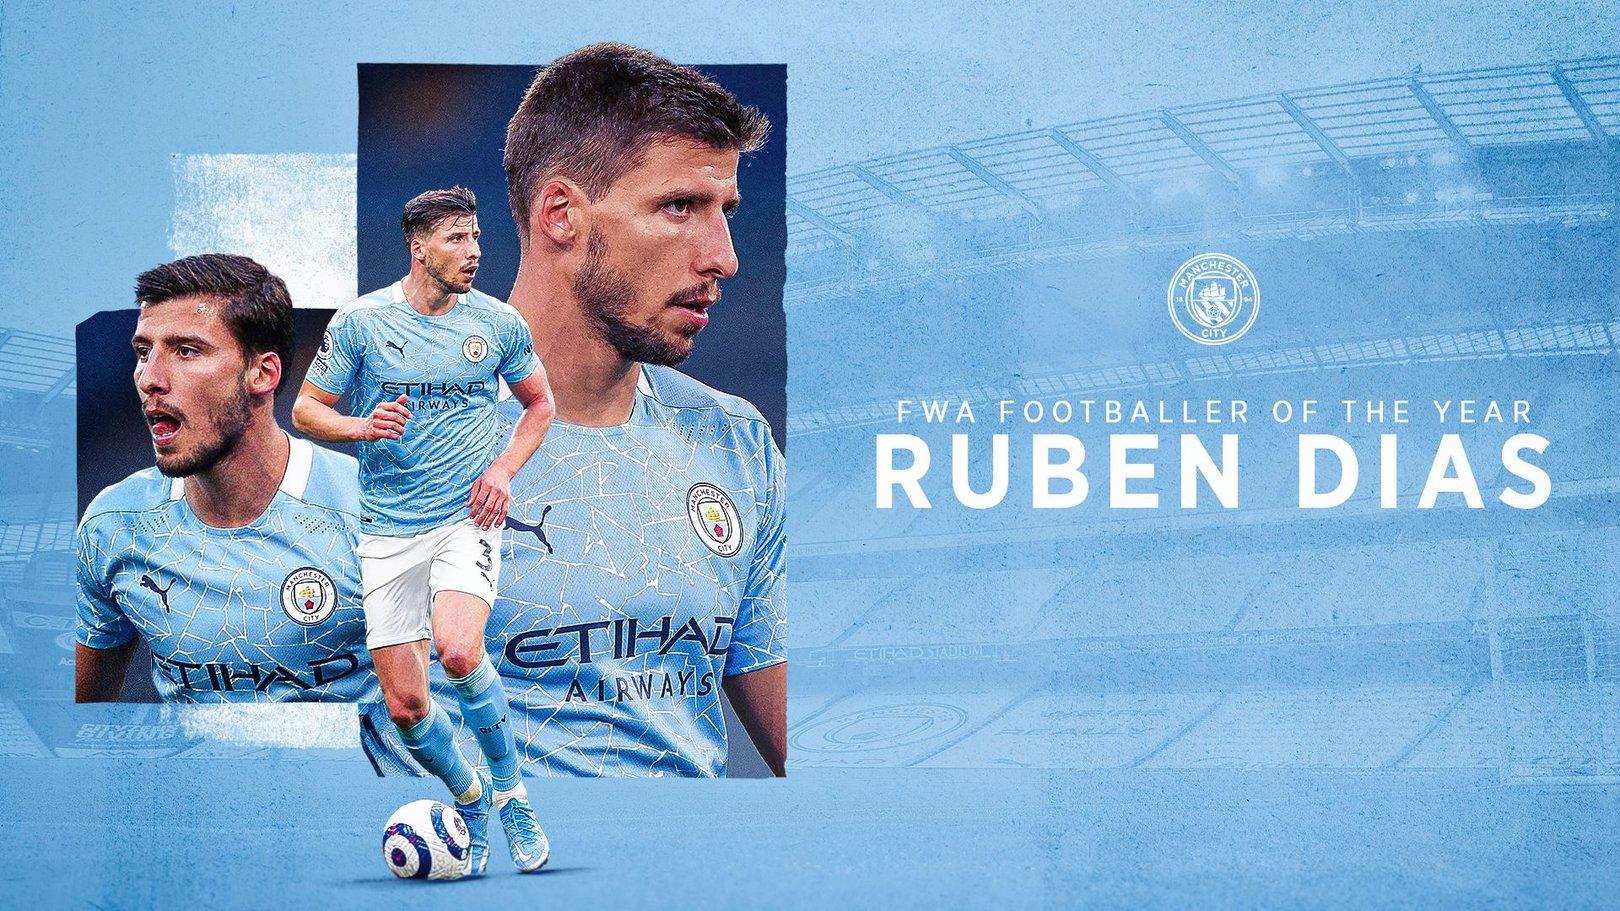 Rúben Dias eleito Melhor Jogador do ano 2021 pelos jornalistas